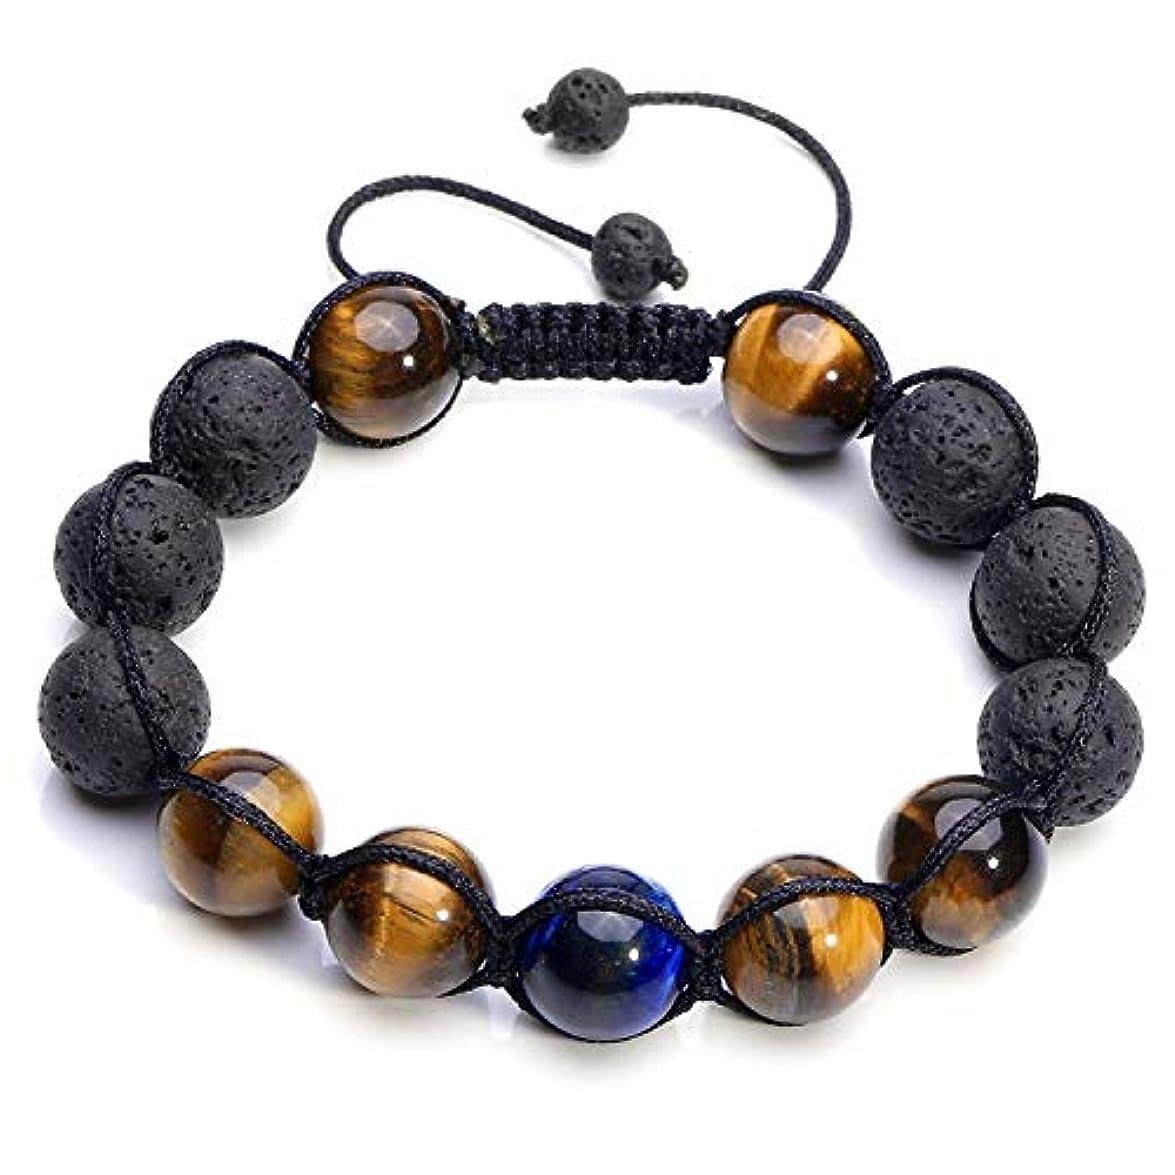 マッシュ適切な断言するcrystaltears Adjustable Tiger Eye & Calm Lava Stone Diffuserブレスレット – 瞑想、接地自己自信、アロマセラピー、ヒーリング、エッセンシャルオイル、